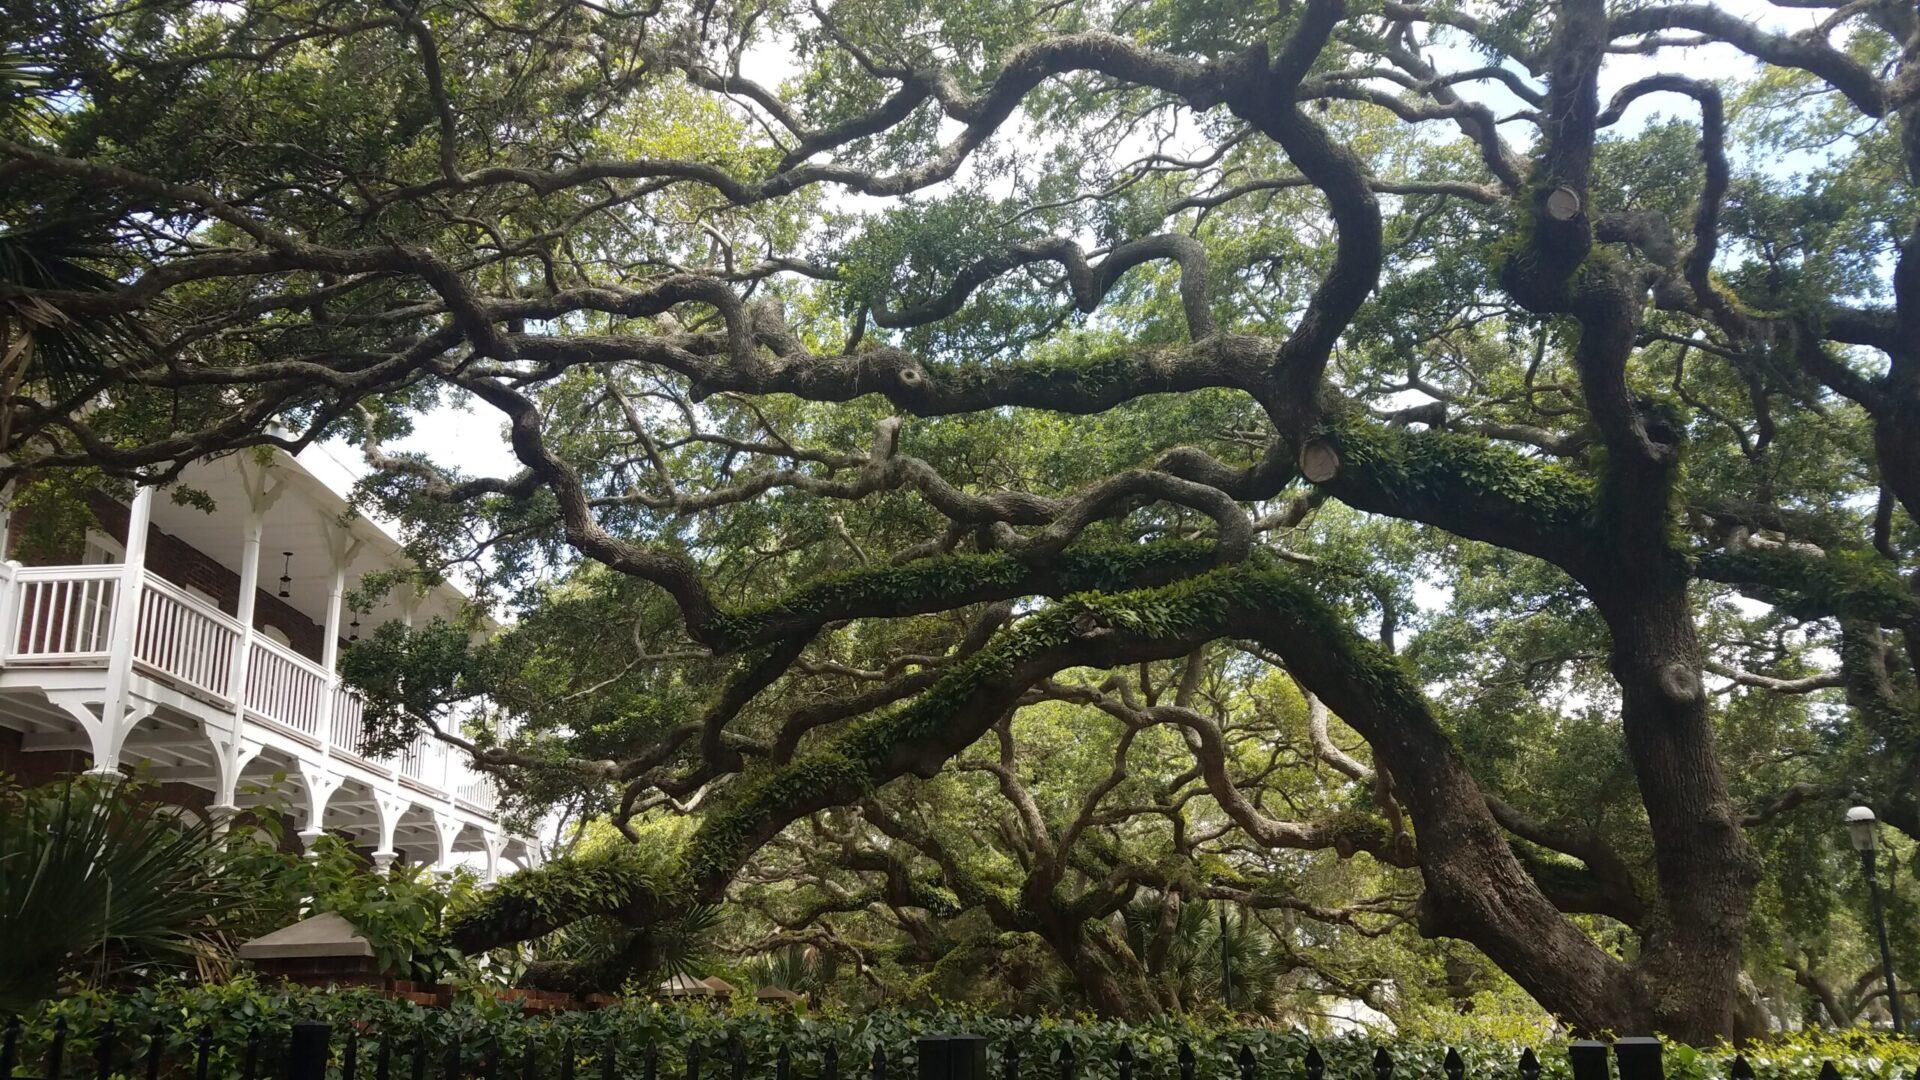 overgrown tree